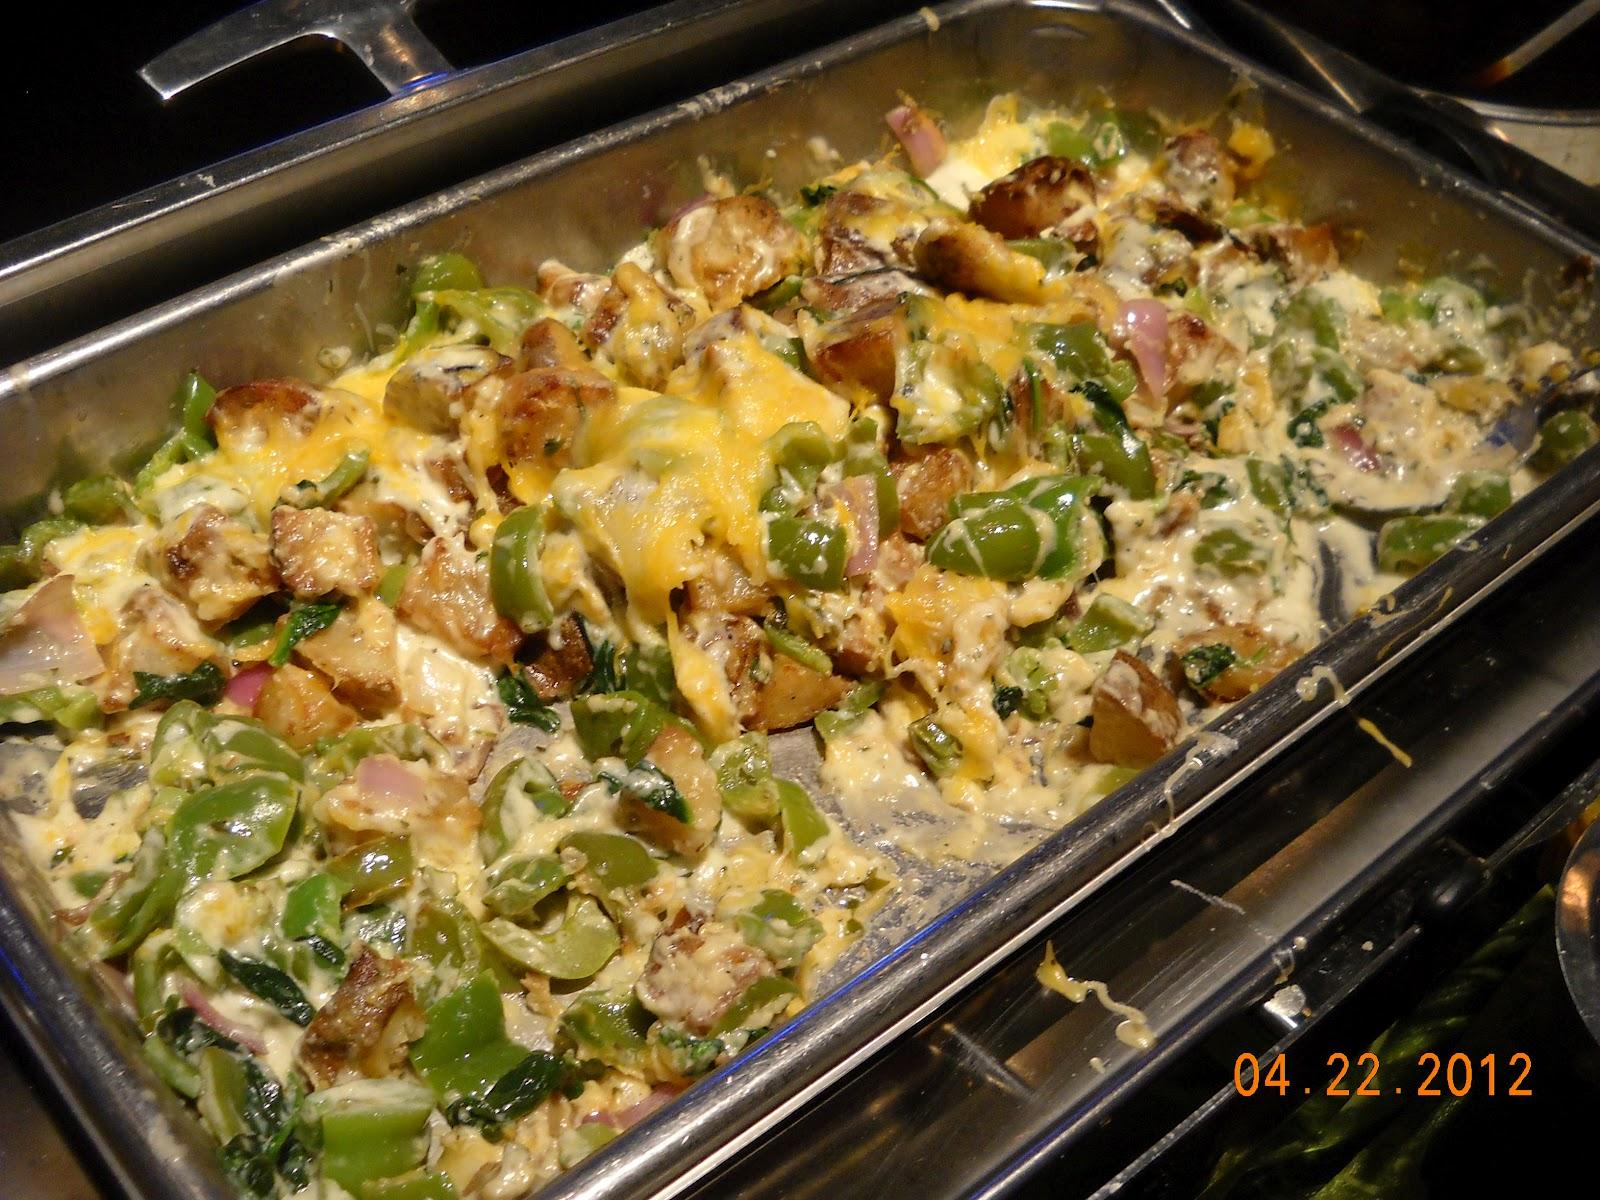 Eating My Way Through OC: April 2012